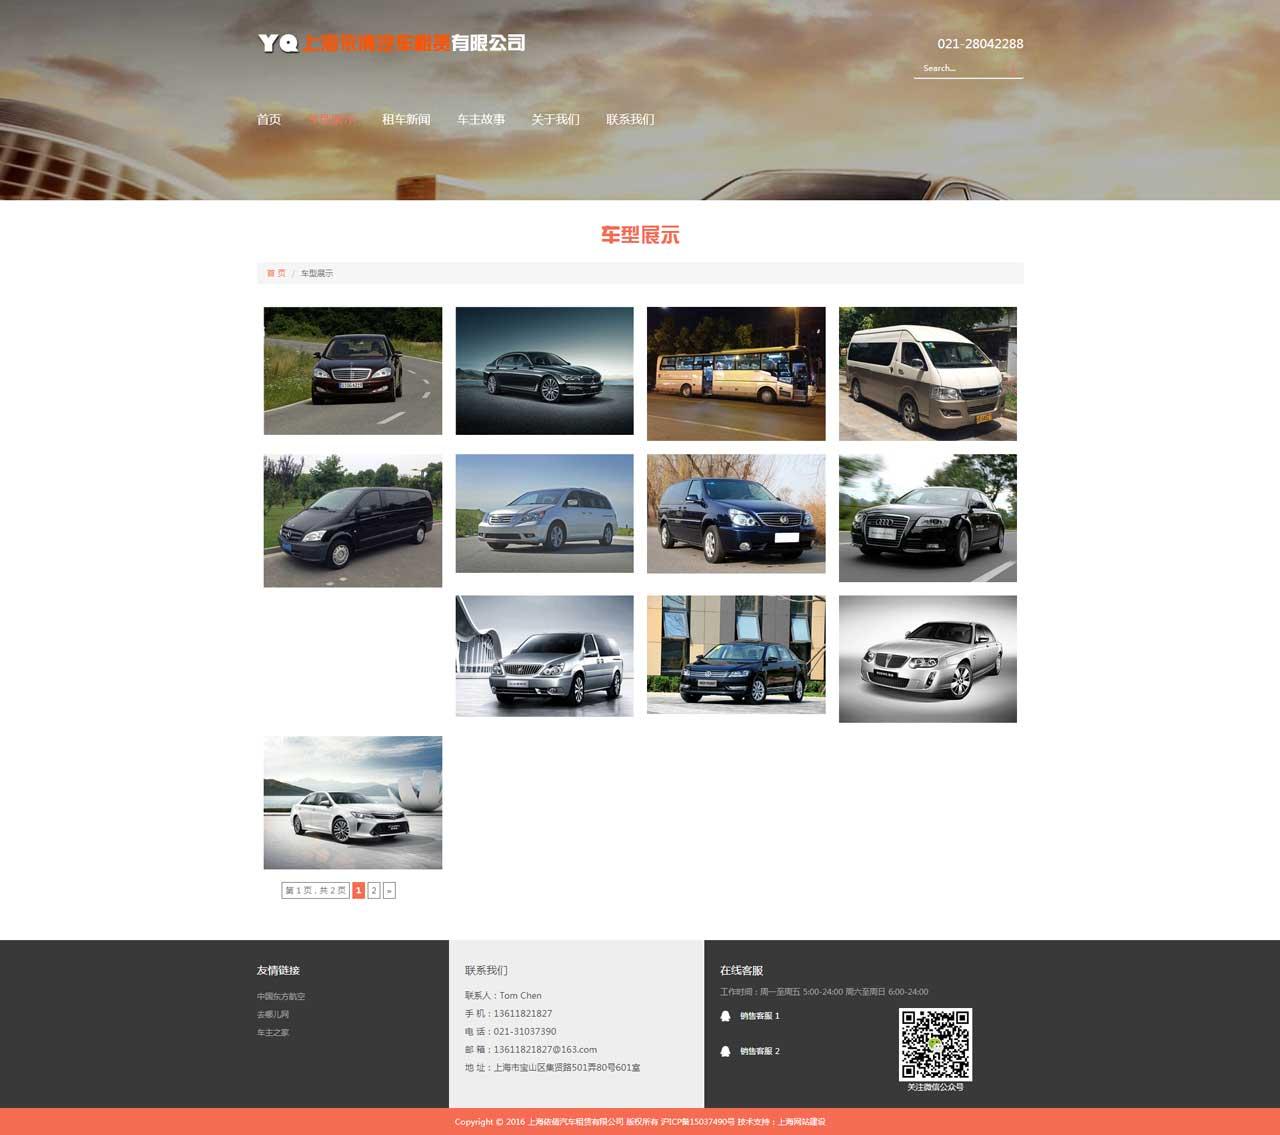 上海依倩-车型展示